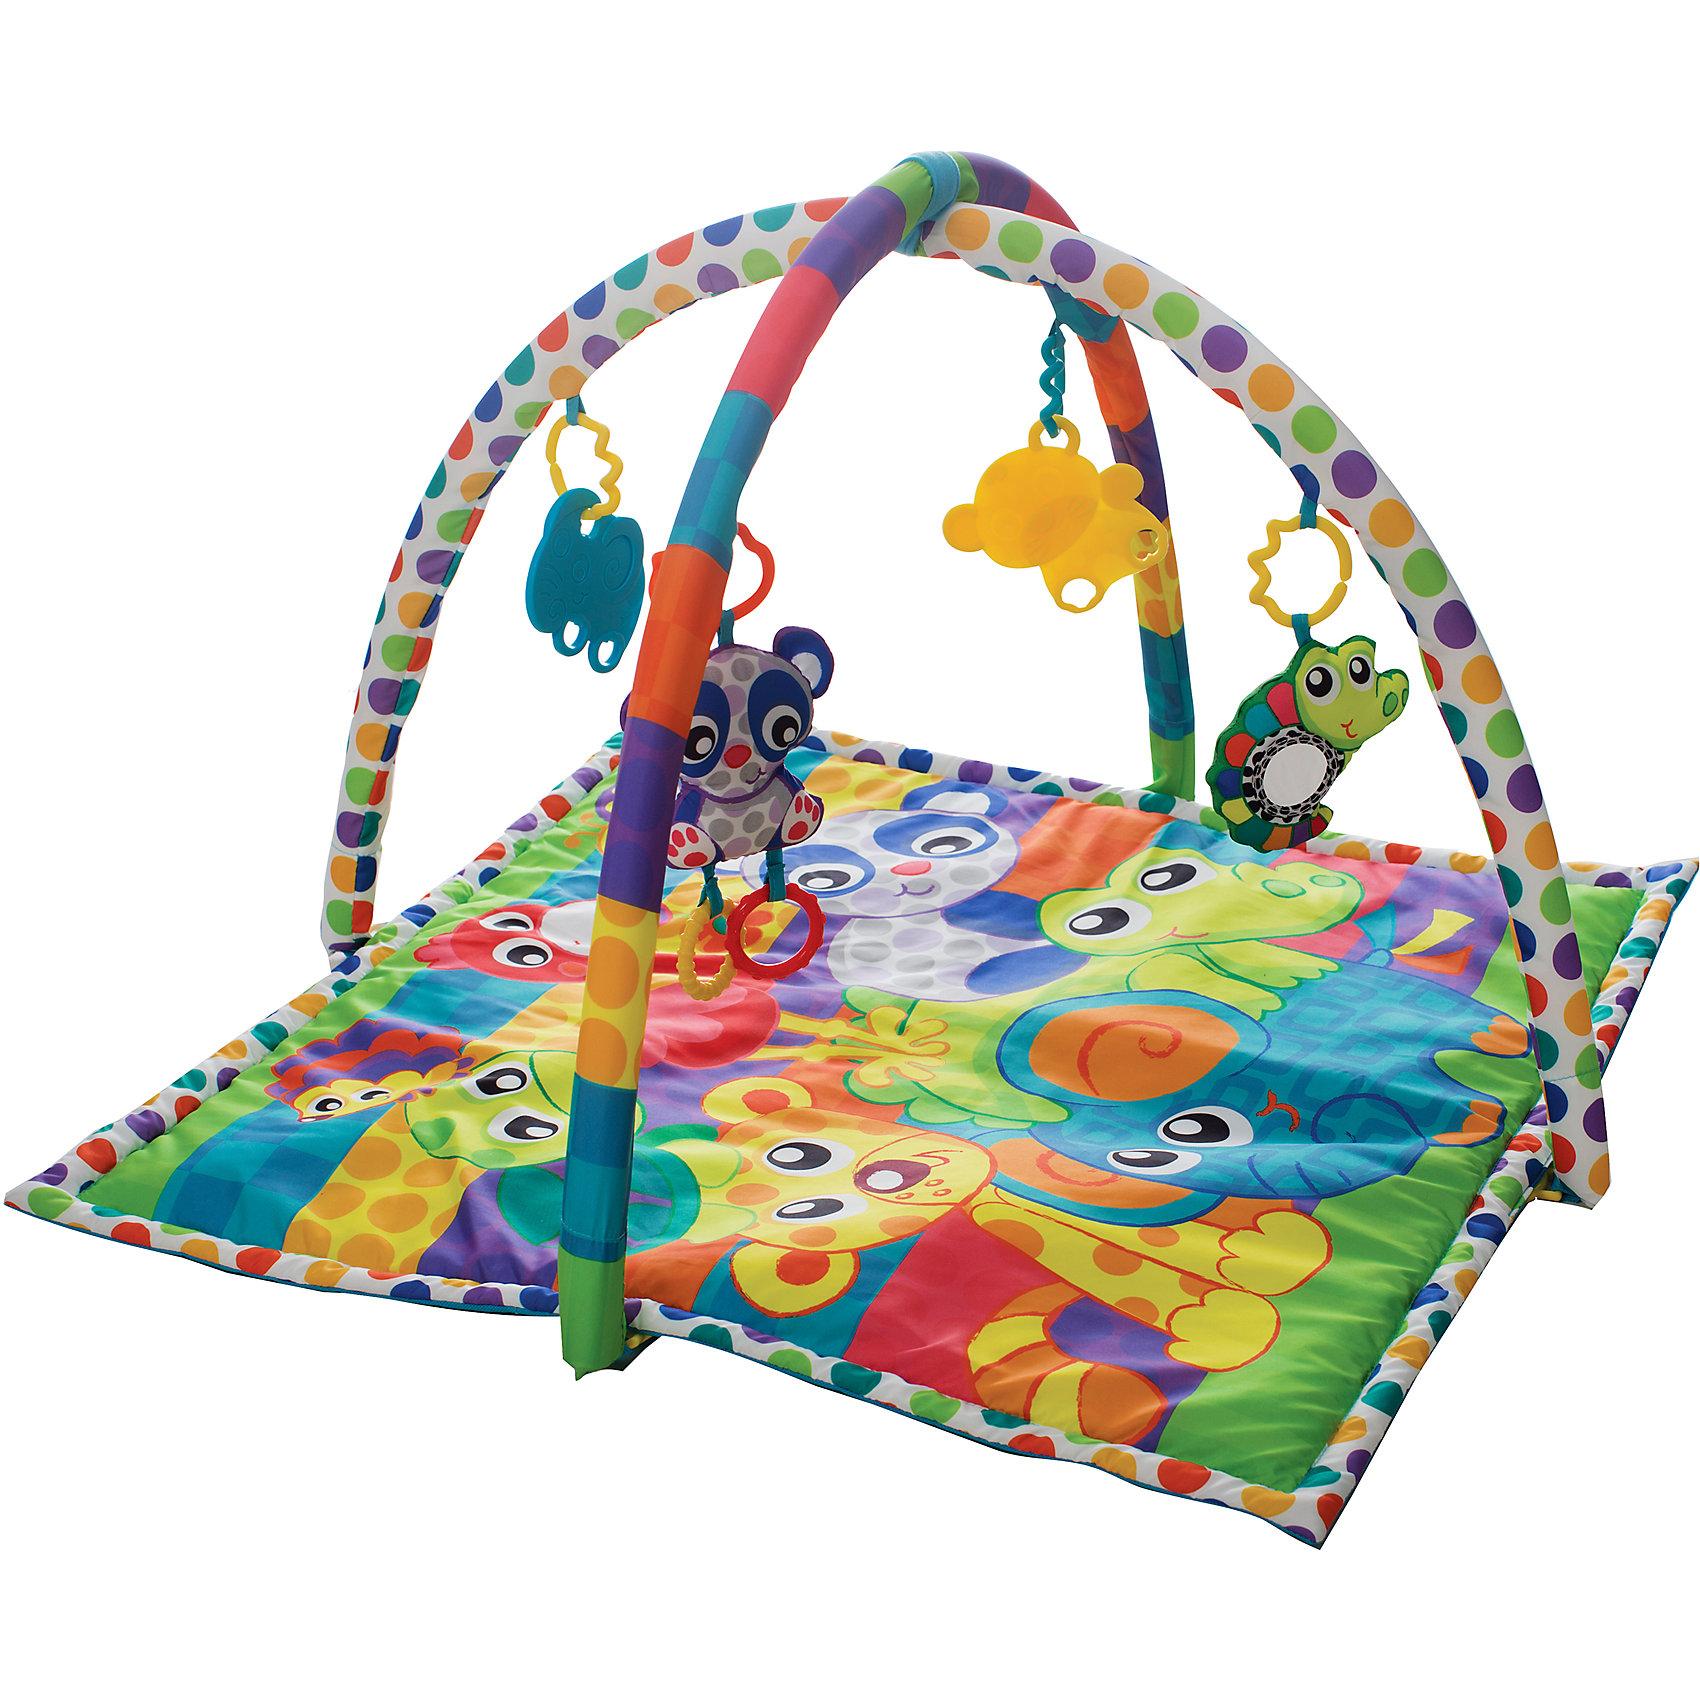 Игрушка активный центр В мире животных, PlaygroИгрушки для малышей<br>Игровой центр с двумя дугами и 4-мя подвесками (2 пластиковые и 2 текстильные с пластиковыми вставками) обязательно понравится вашему малышу. Подвески легко снимаются и могут использоваться отдельно. Яркие цвета и материалы разных фактур способствуют развитию визуального восприятия, тактильных ощущений, моторики. Коврик легко и быстро складывается, его удобно брать с собой на прогулки, в гости или же поездки. <br><br>Дополнительная информация:<br><br>- Материал: пластик, текстиль.<br>- Размер упаковки: 63х56 см.<br>- Съемные игрушки и дуги<br>- В комплекте: коврик, дуги, 4 игрушки. <br><br>Игрушку Активный центр В мире животных, Playgro (Плейгро), можно купить в нашем магазине.<br><br>Ширина мм: 630<br>Глубина мм: 70<br>Высота мм: 560<br>Вес г: 1030<br>Возраст от месяцев: 0<br>Возраст до месяцев: 18<br>Пол: Унисекс<br>Возраст: Детский<br>SKU: 4729139